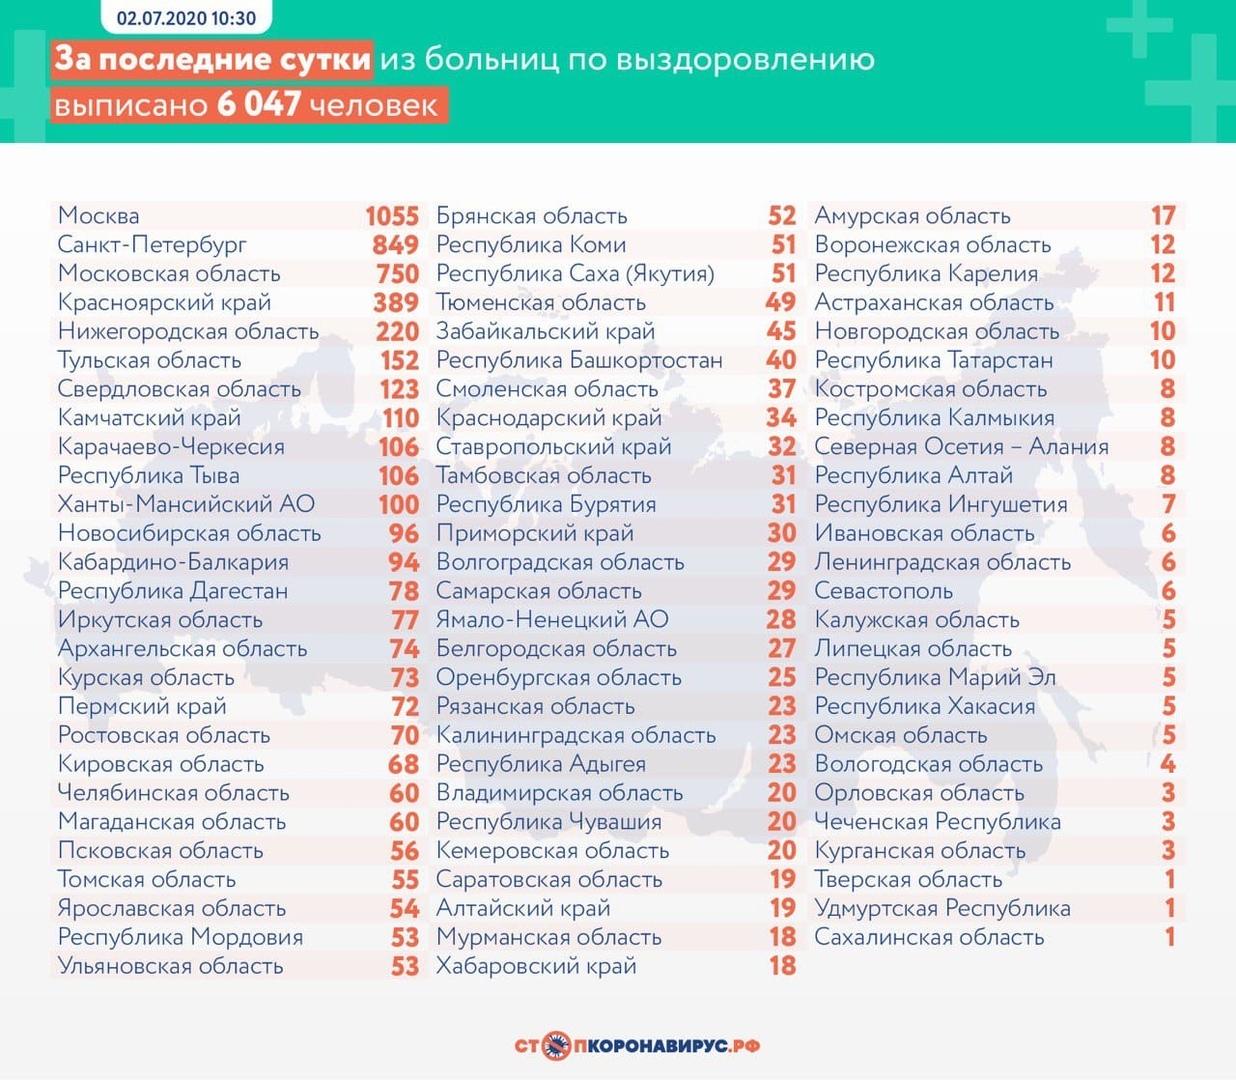 коронавирусная инфекция COVID-19  число заболевших новым вирусом в Нижегородской области